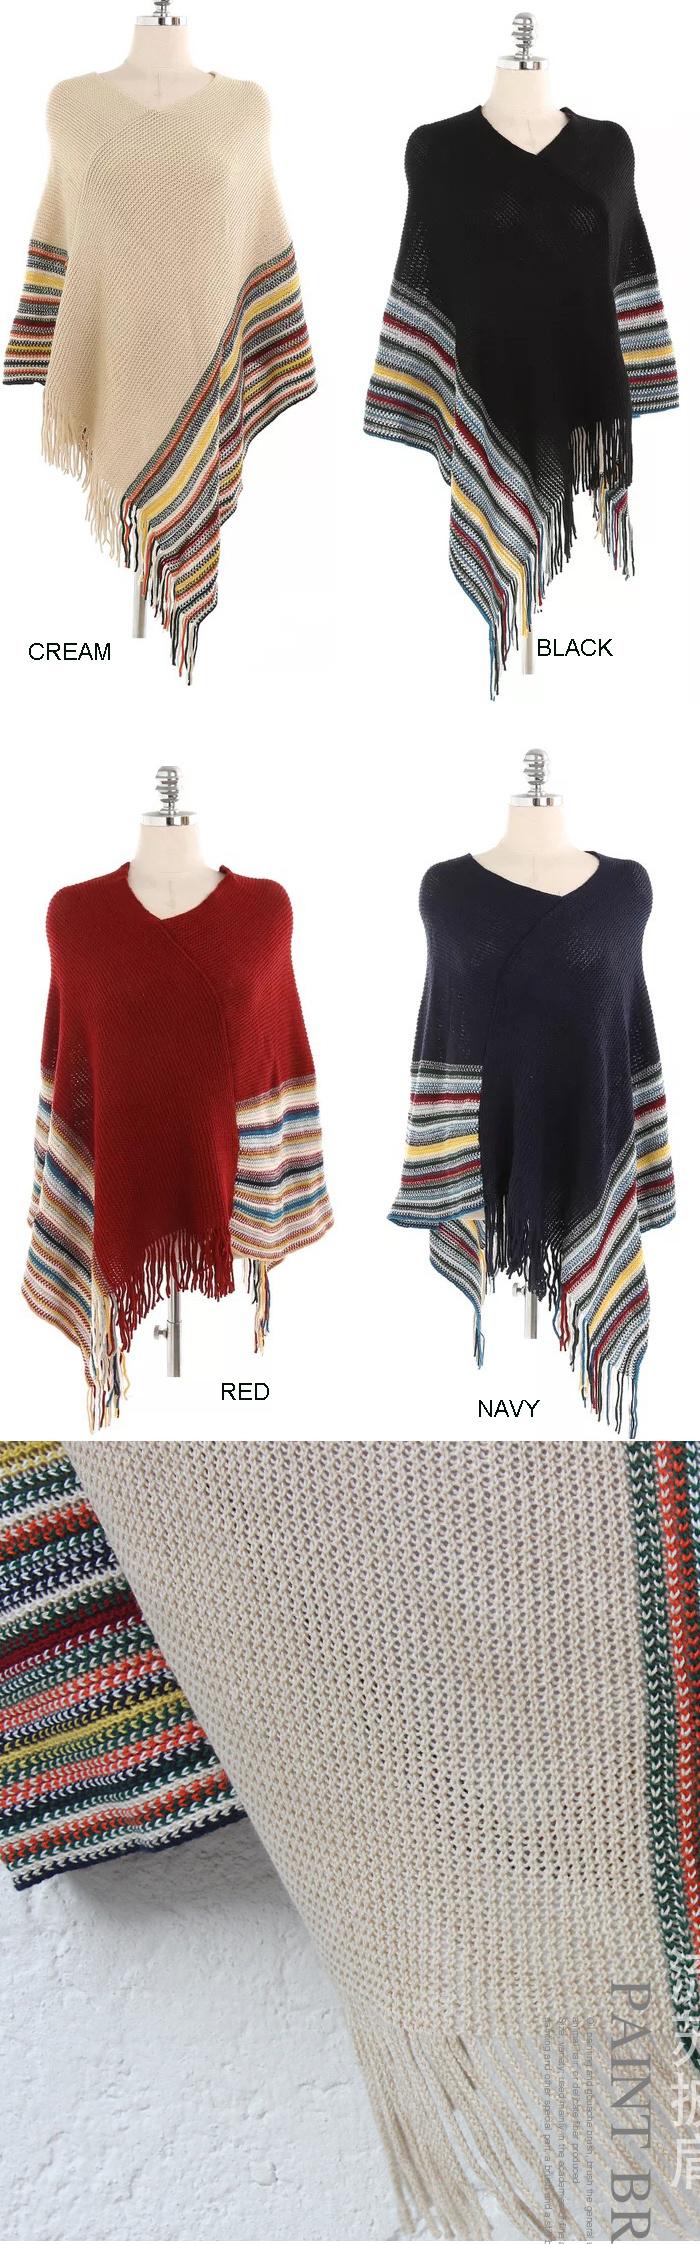 Bufanda de lana caliente mujer moda otoño invierno algodón Poncho ...